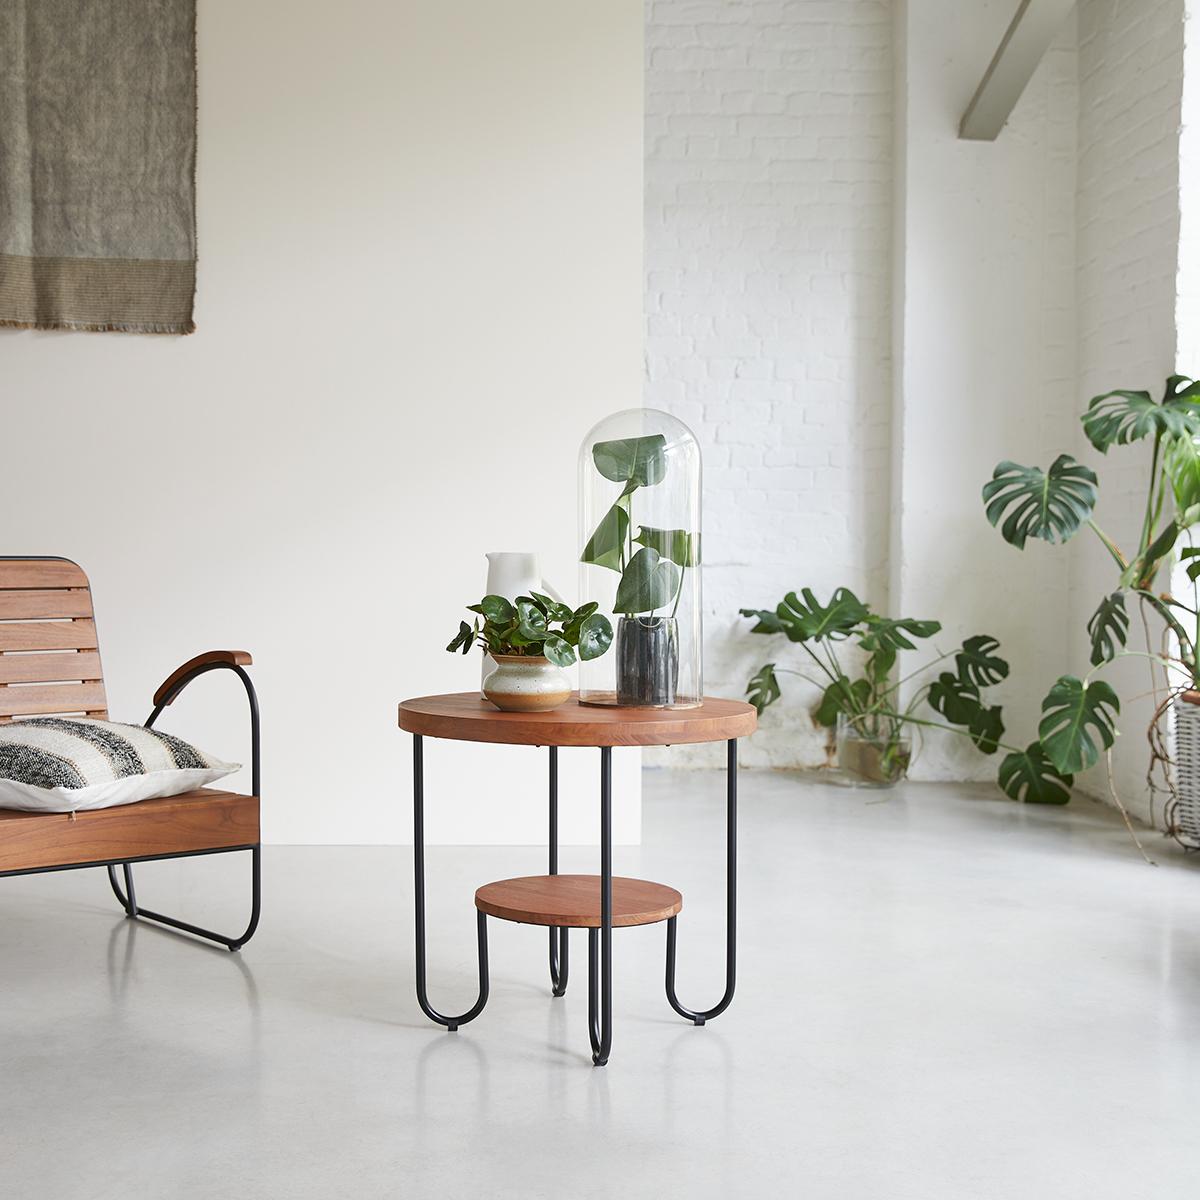 Key Wood solid teak Coffee Table